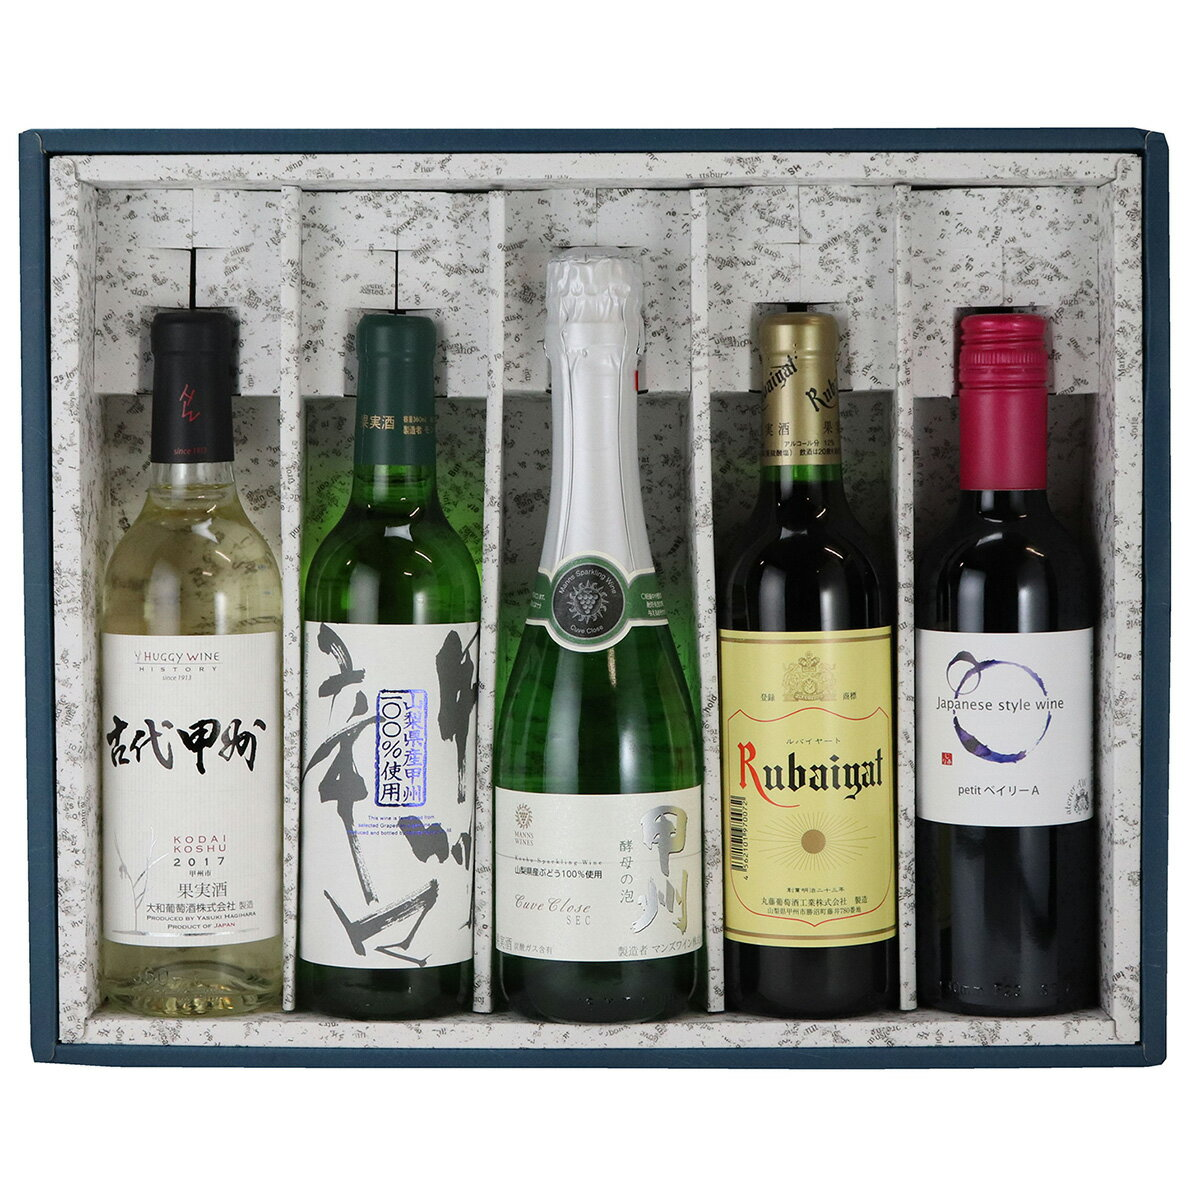 【ふるさと納税】山梨ワイン飲み比べセット 5本